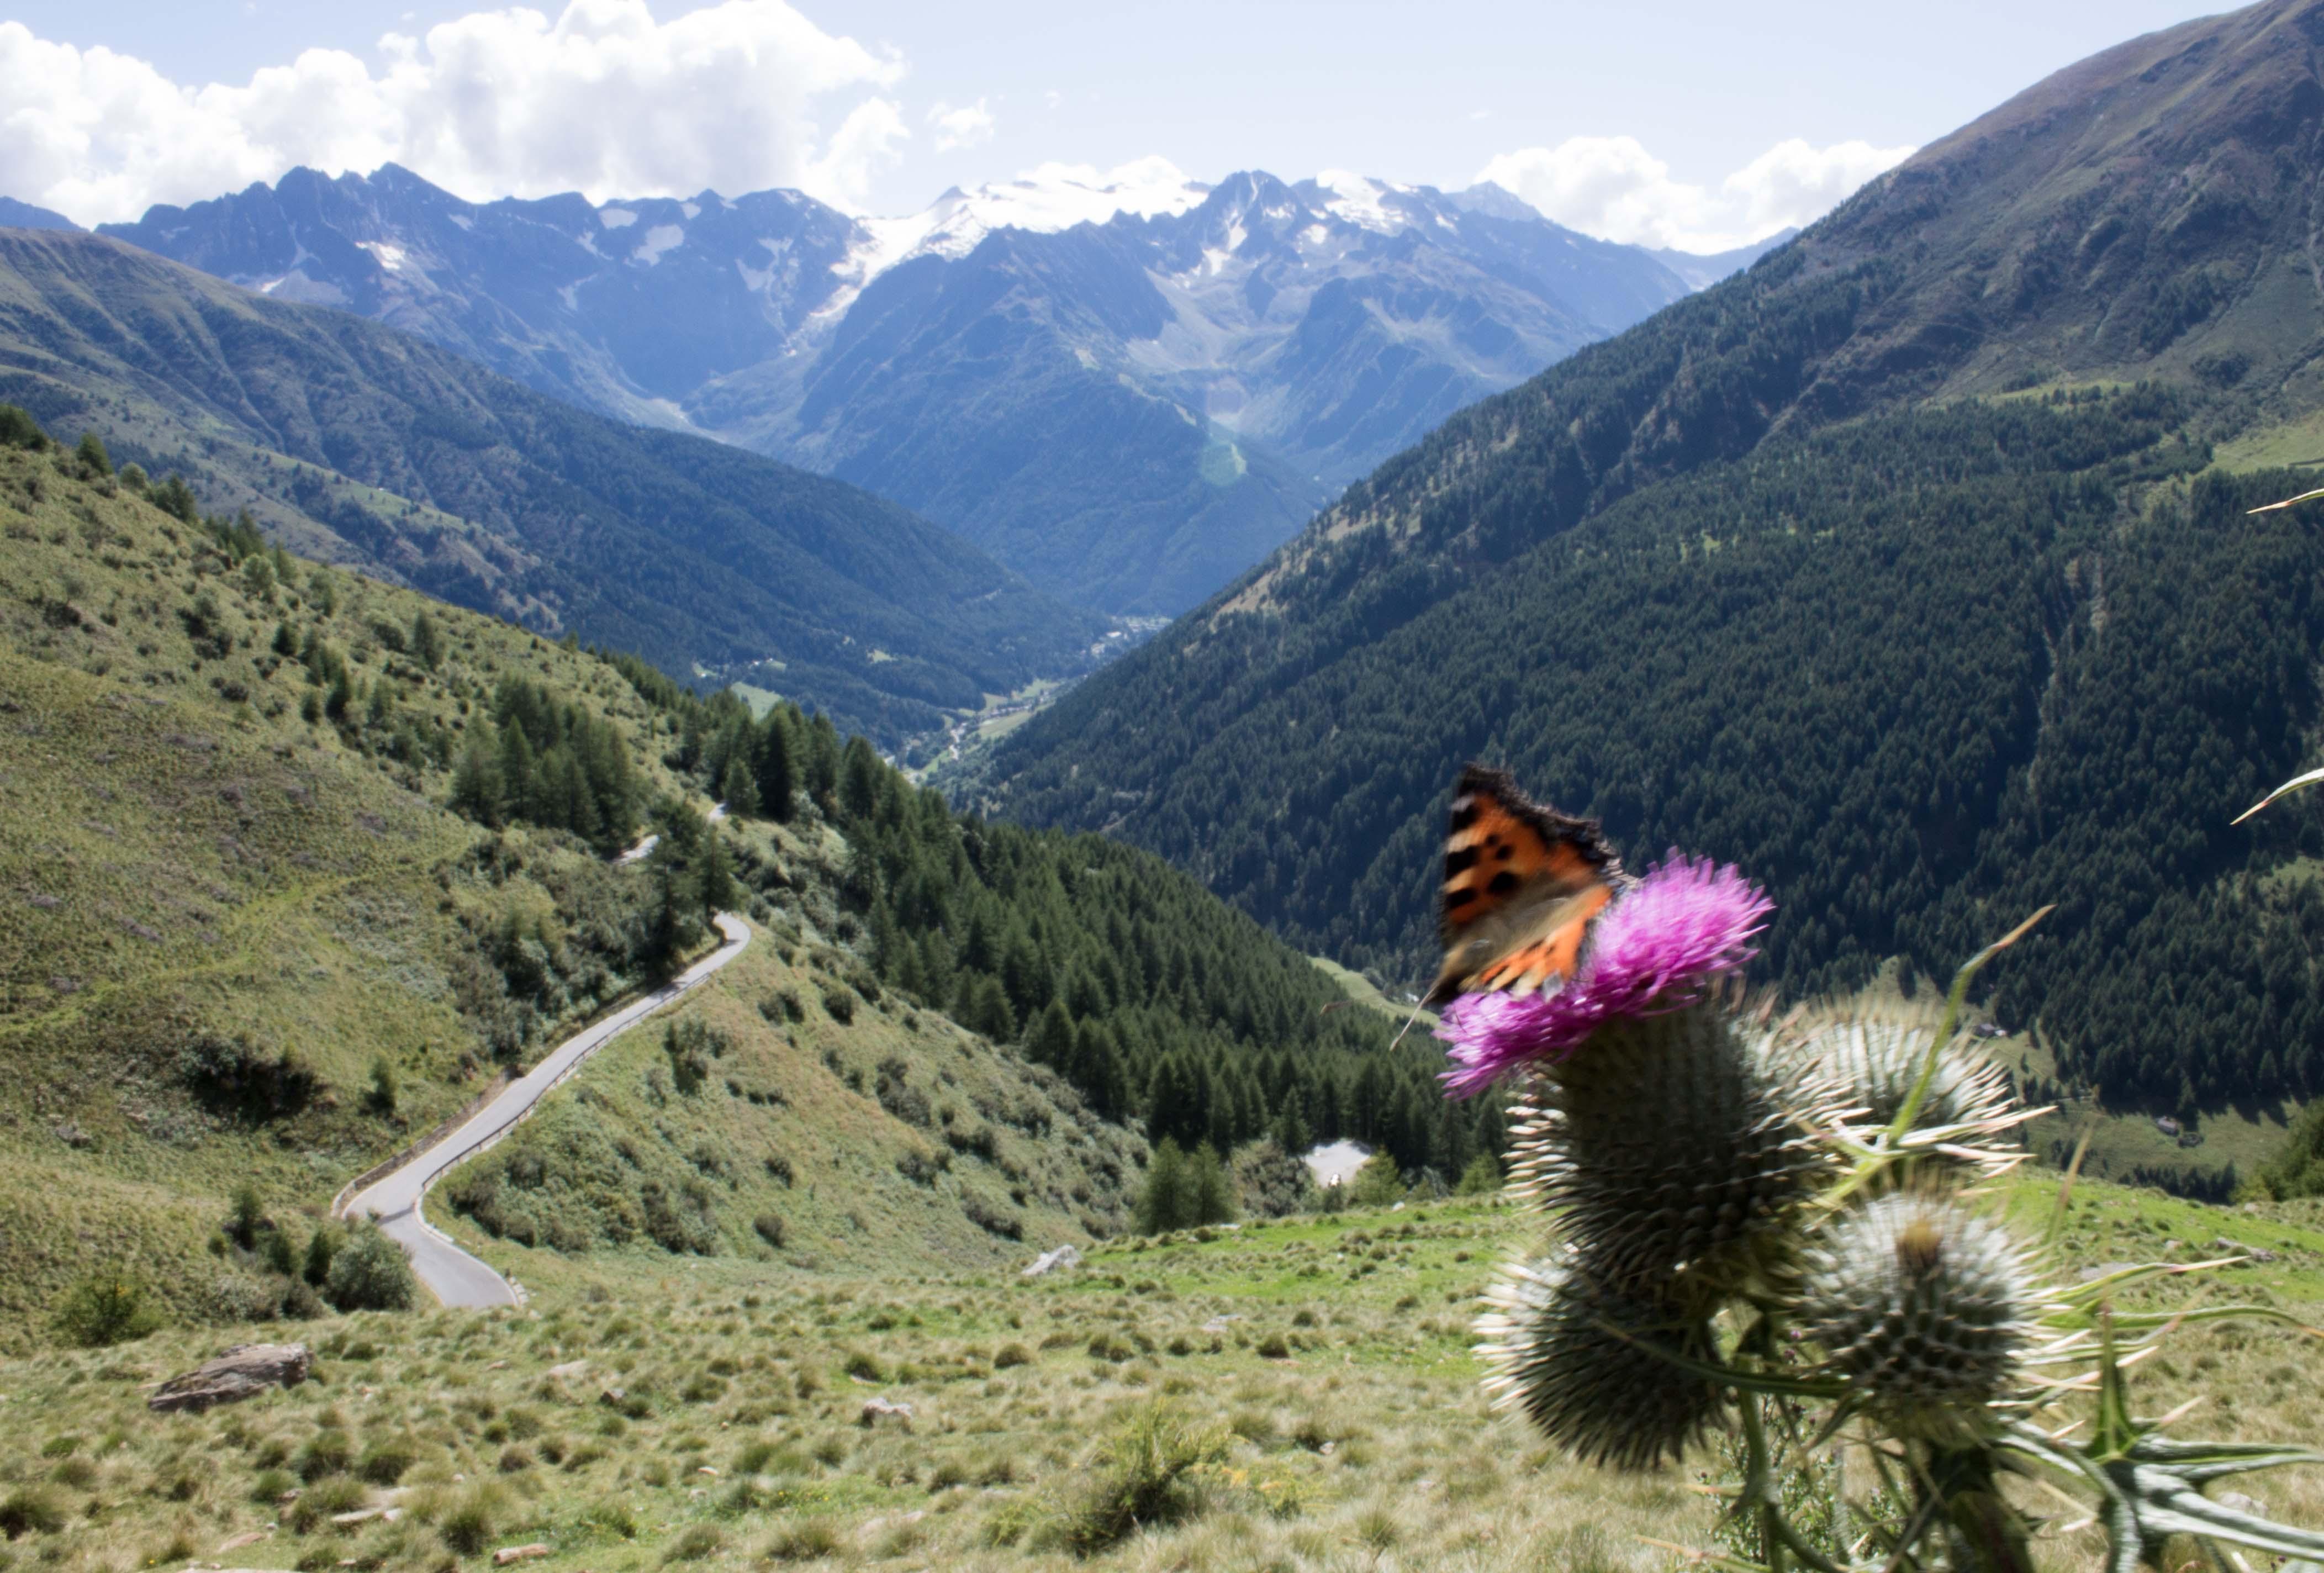 Schmetterling vor Alpen